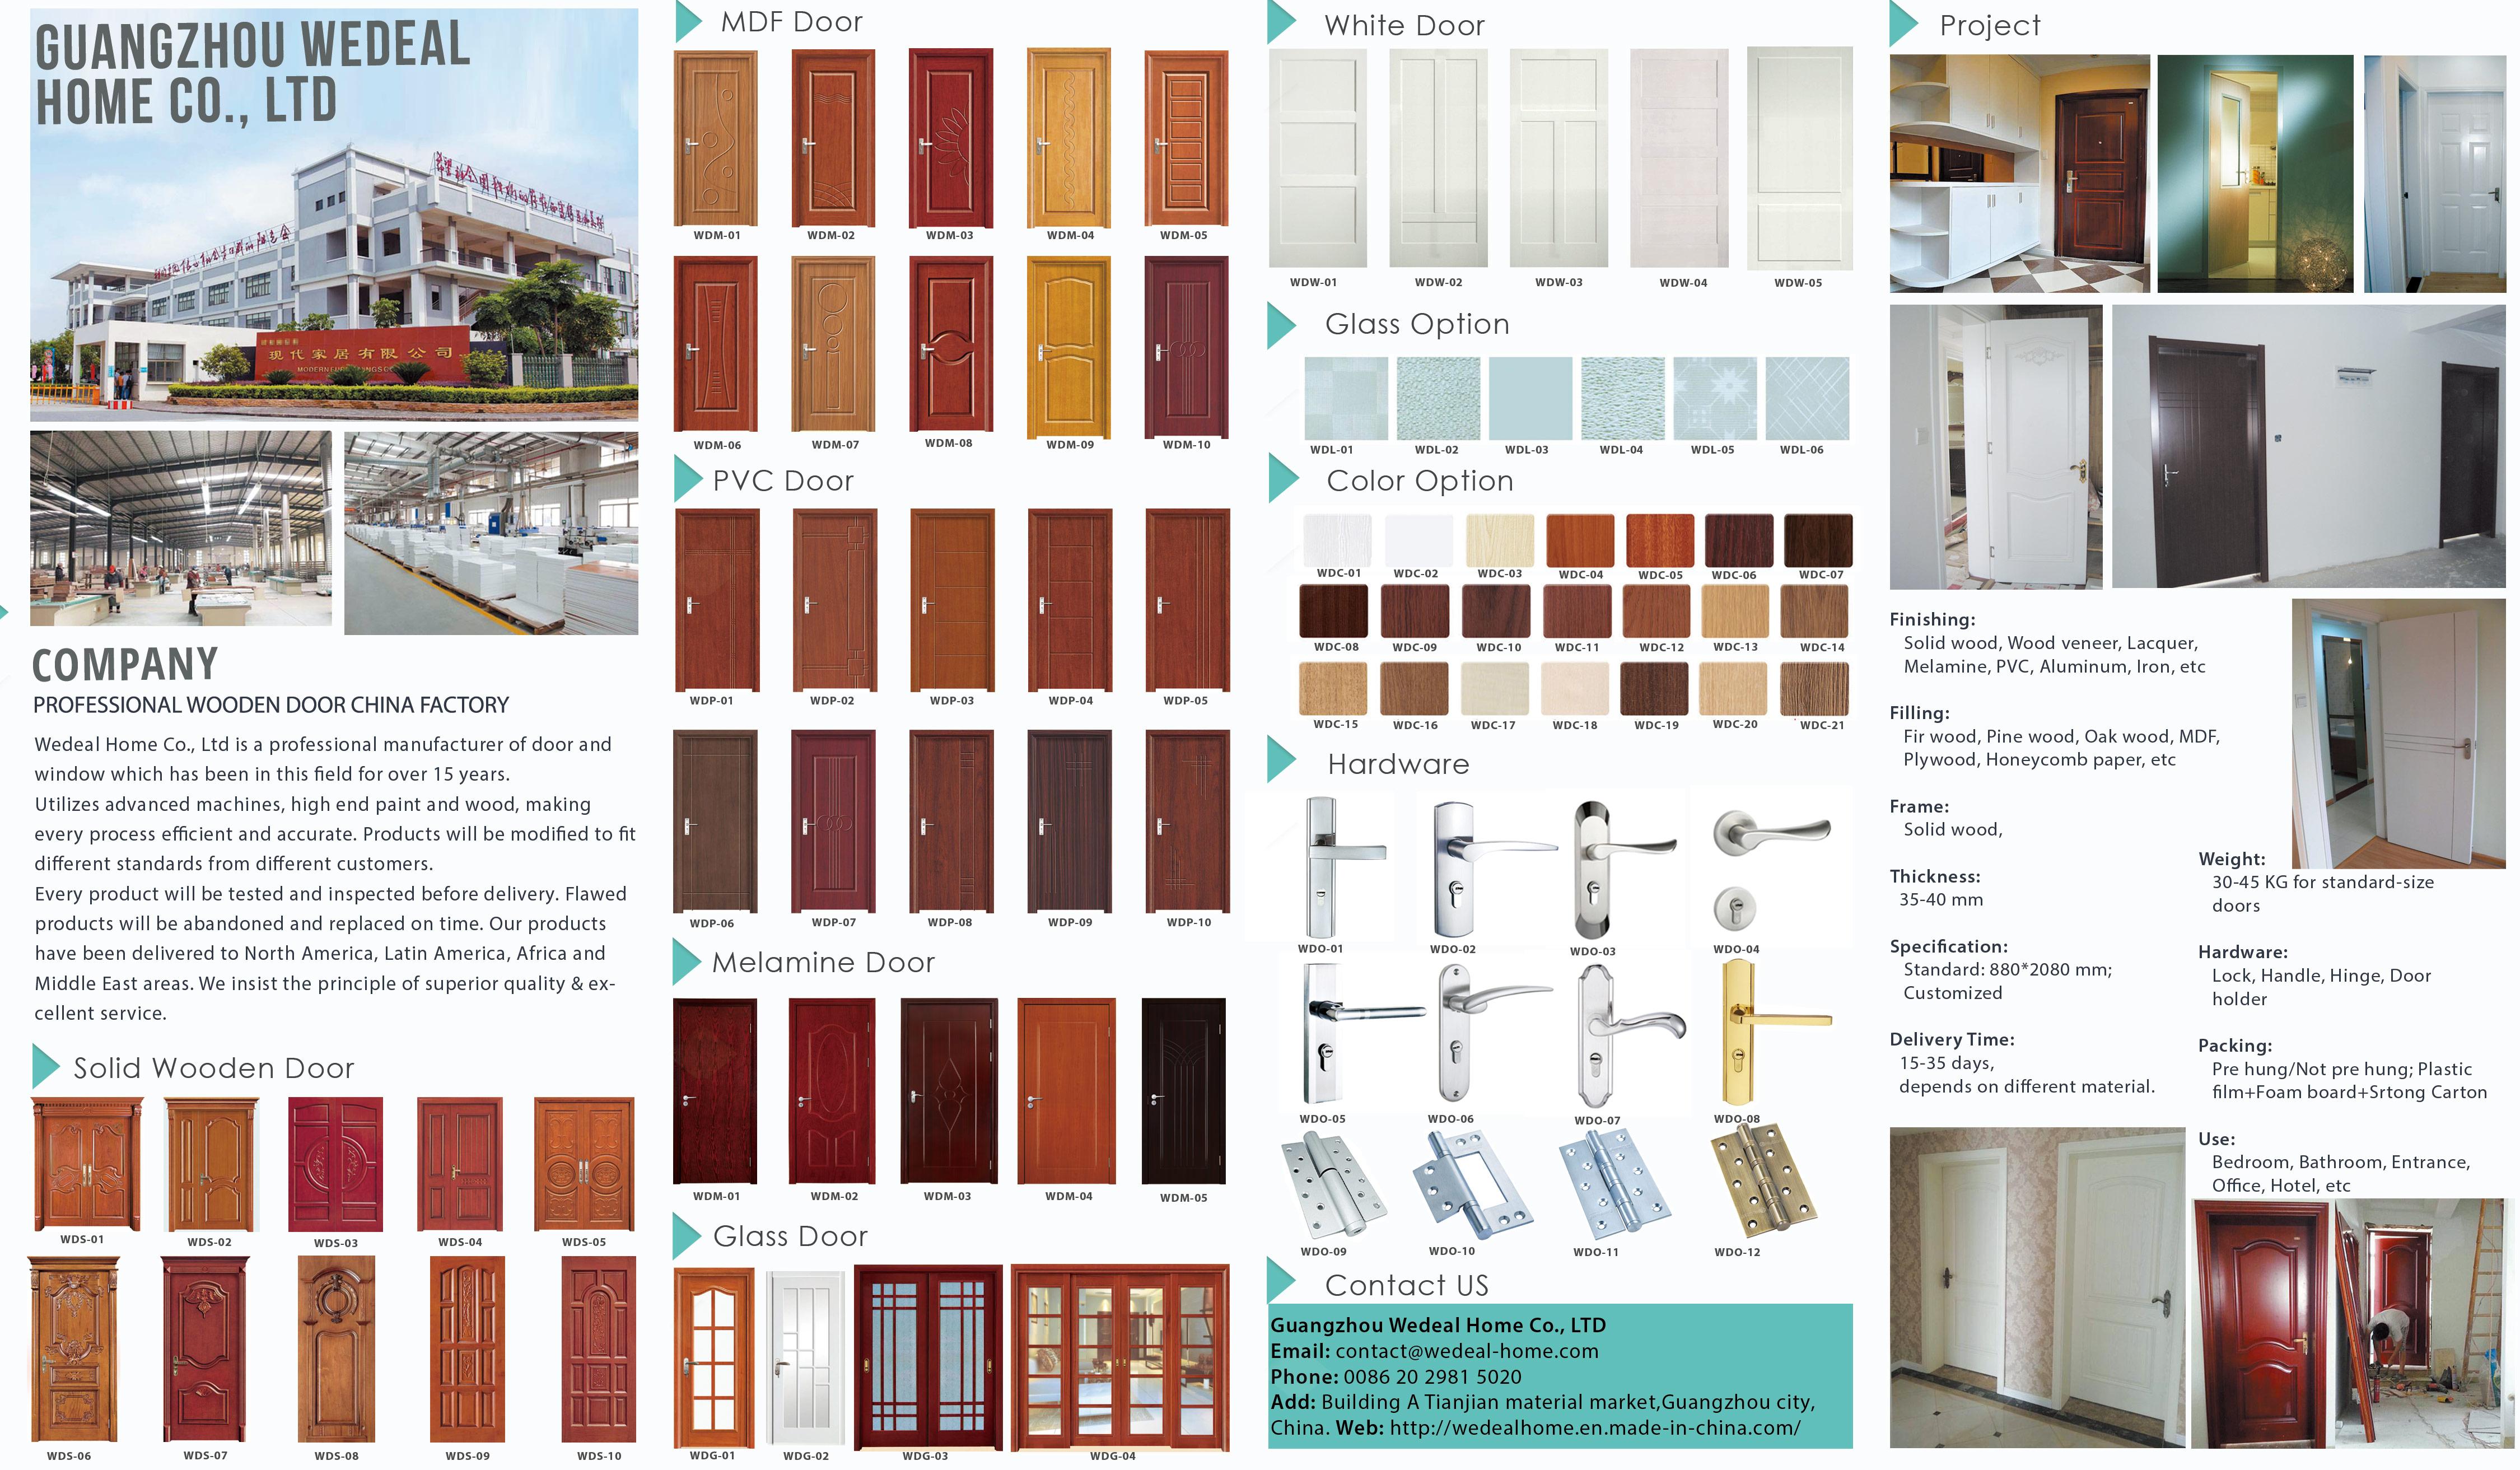 Guangzhou Wedeal Home Wooden Door Brochure